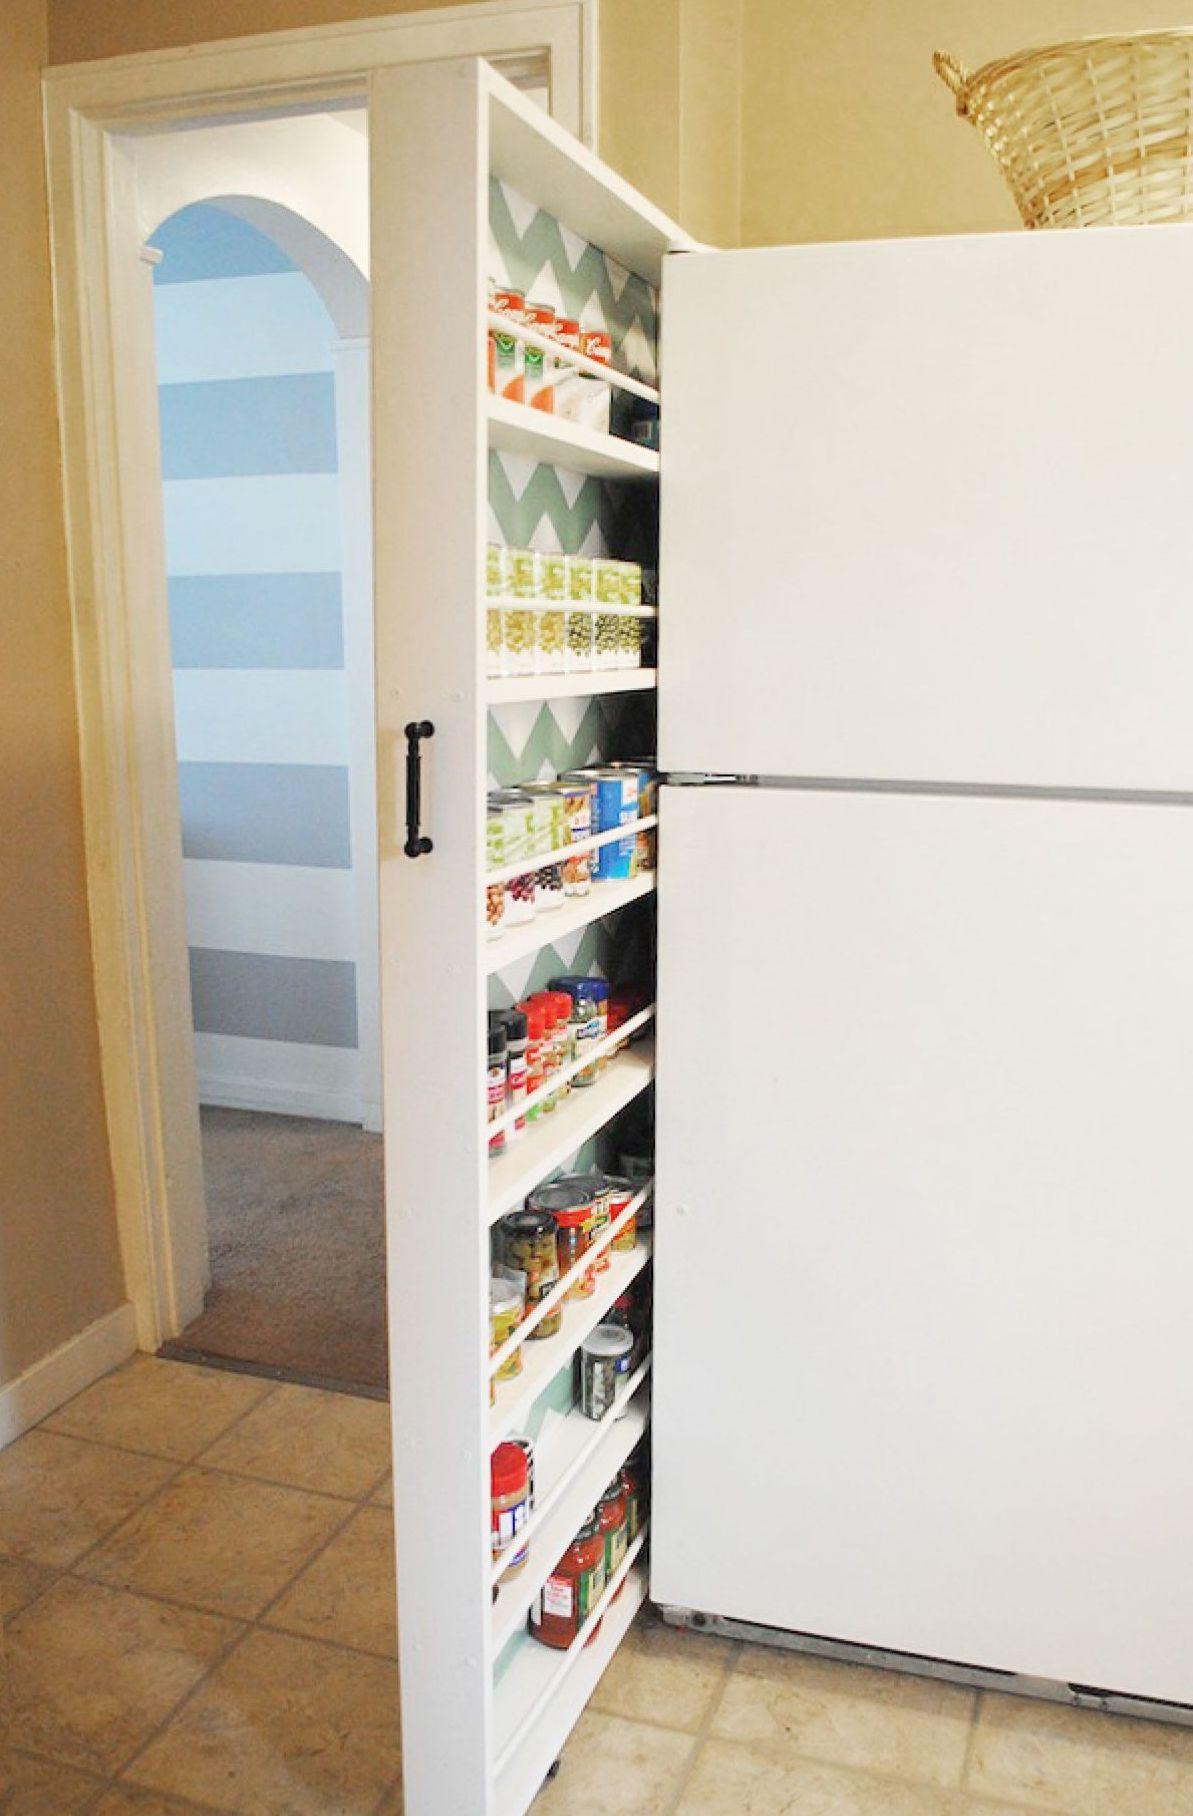 Выдвижной стеллаж в интерьере маленькой кухни